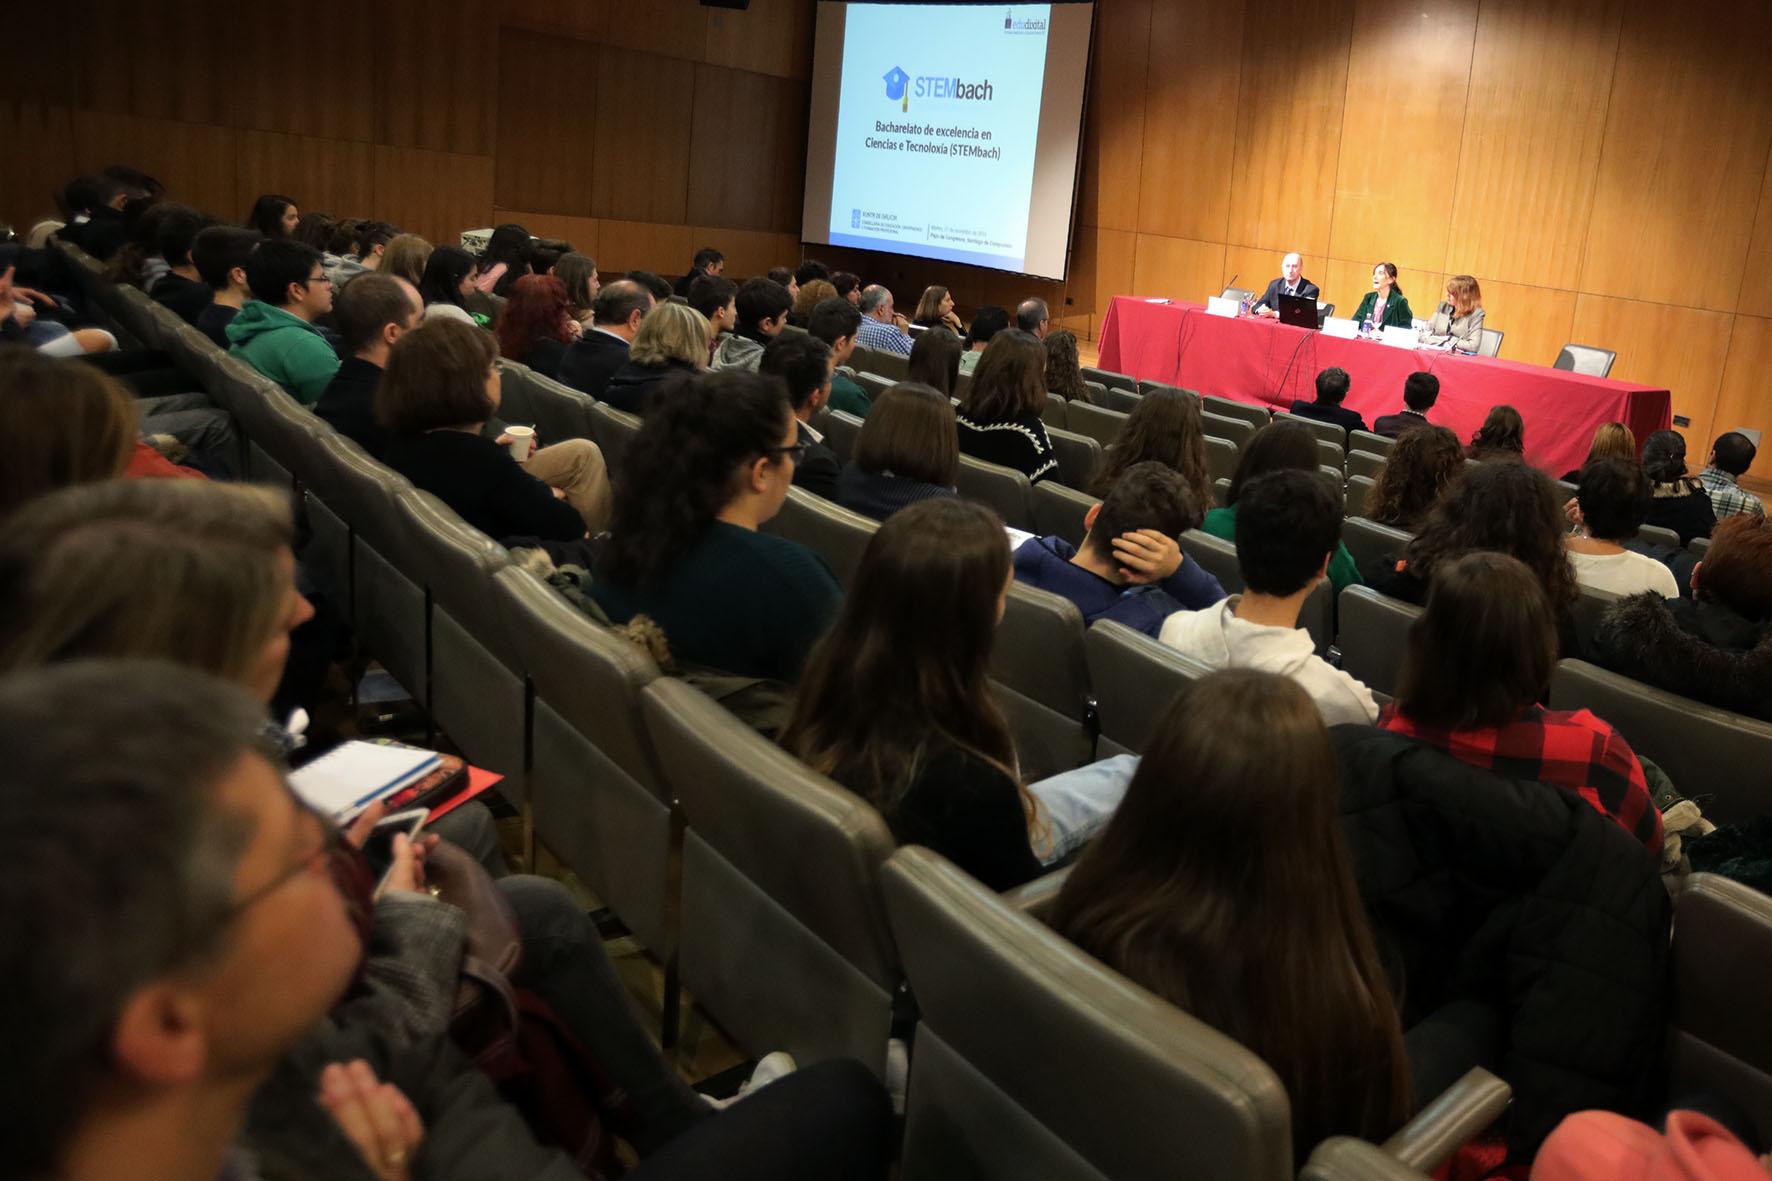 Inauguración da xornada formativa sobre o STEMBach